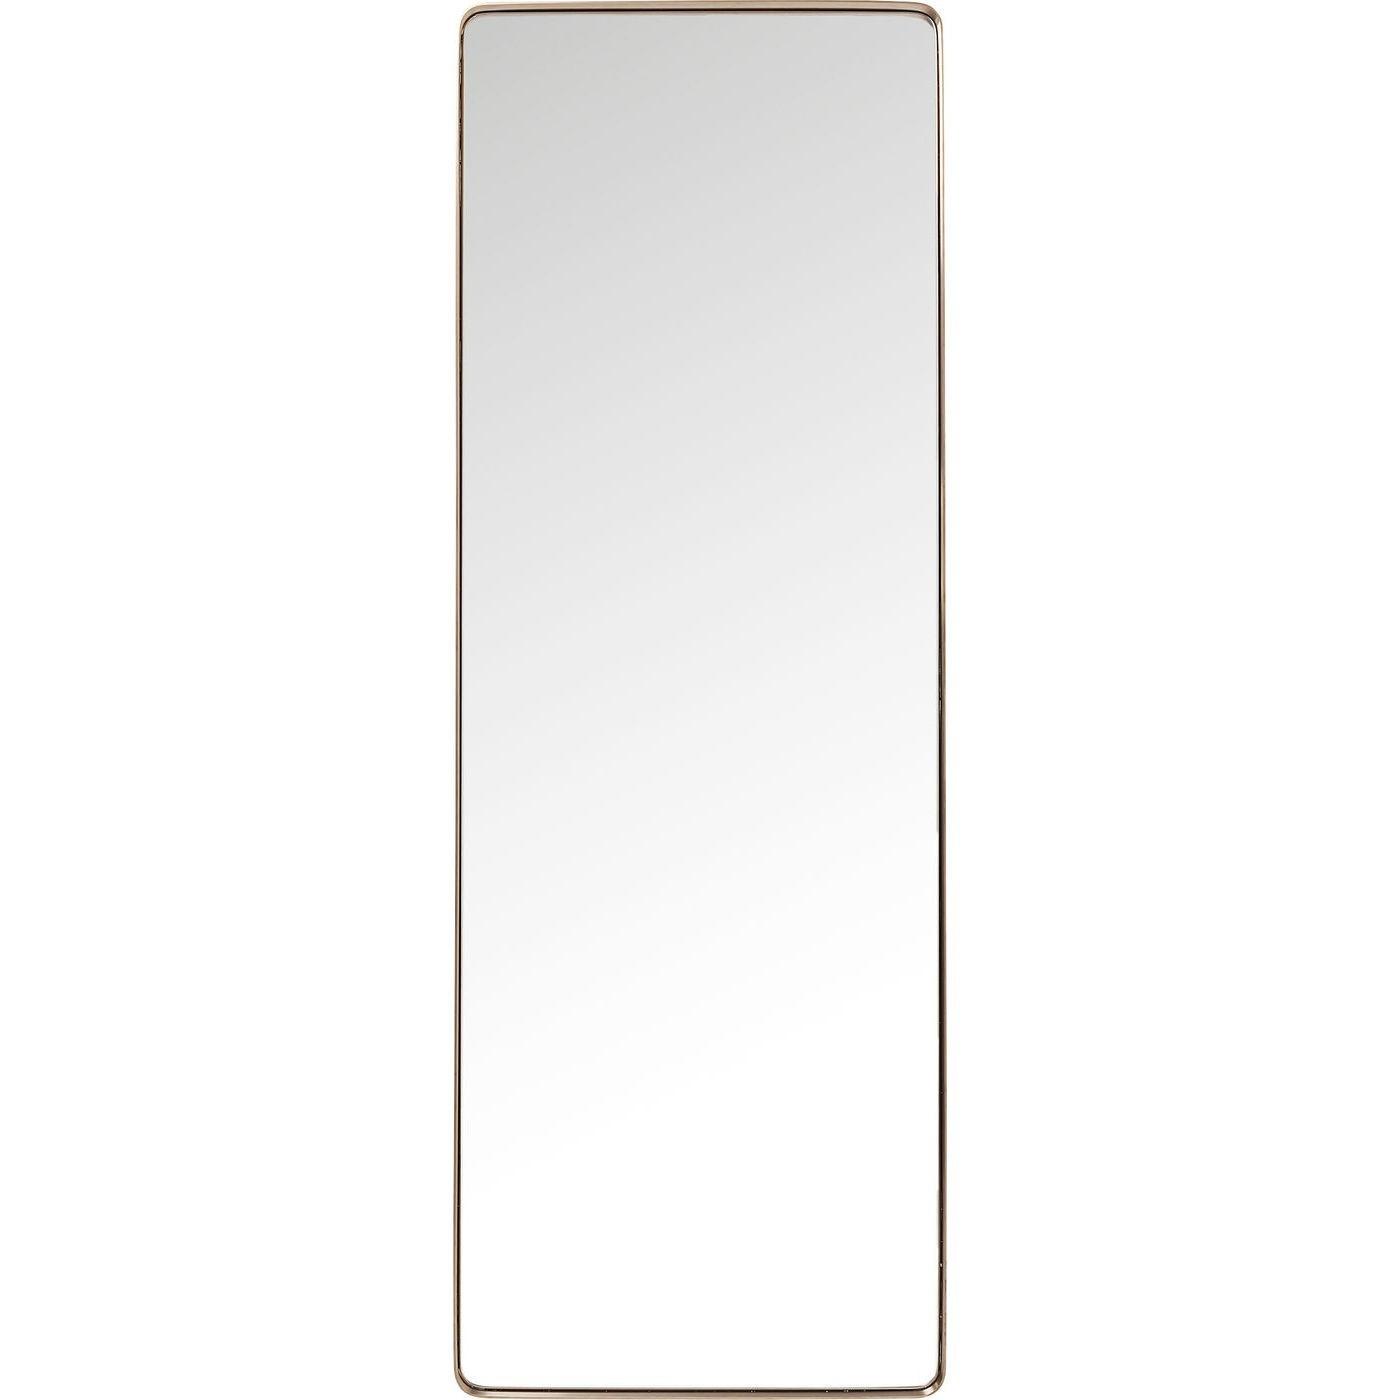 Miroir bords arrondis en métal cuivré 200x70